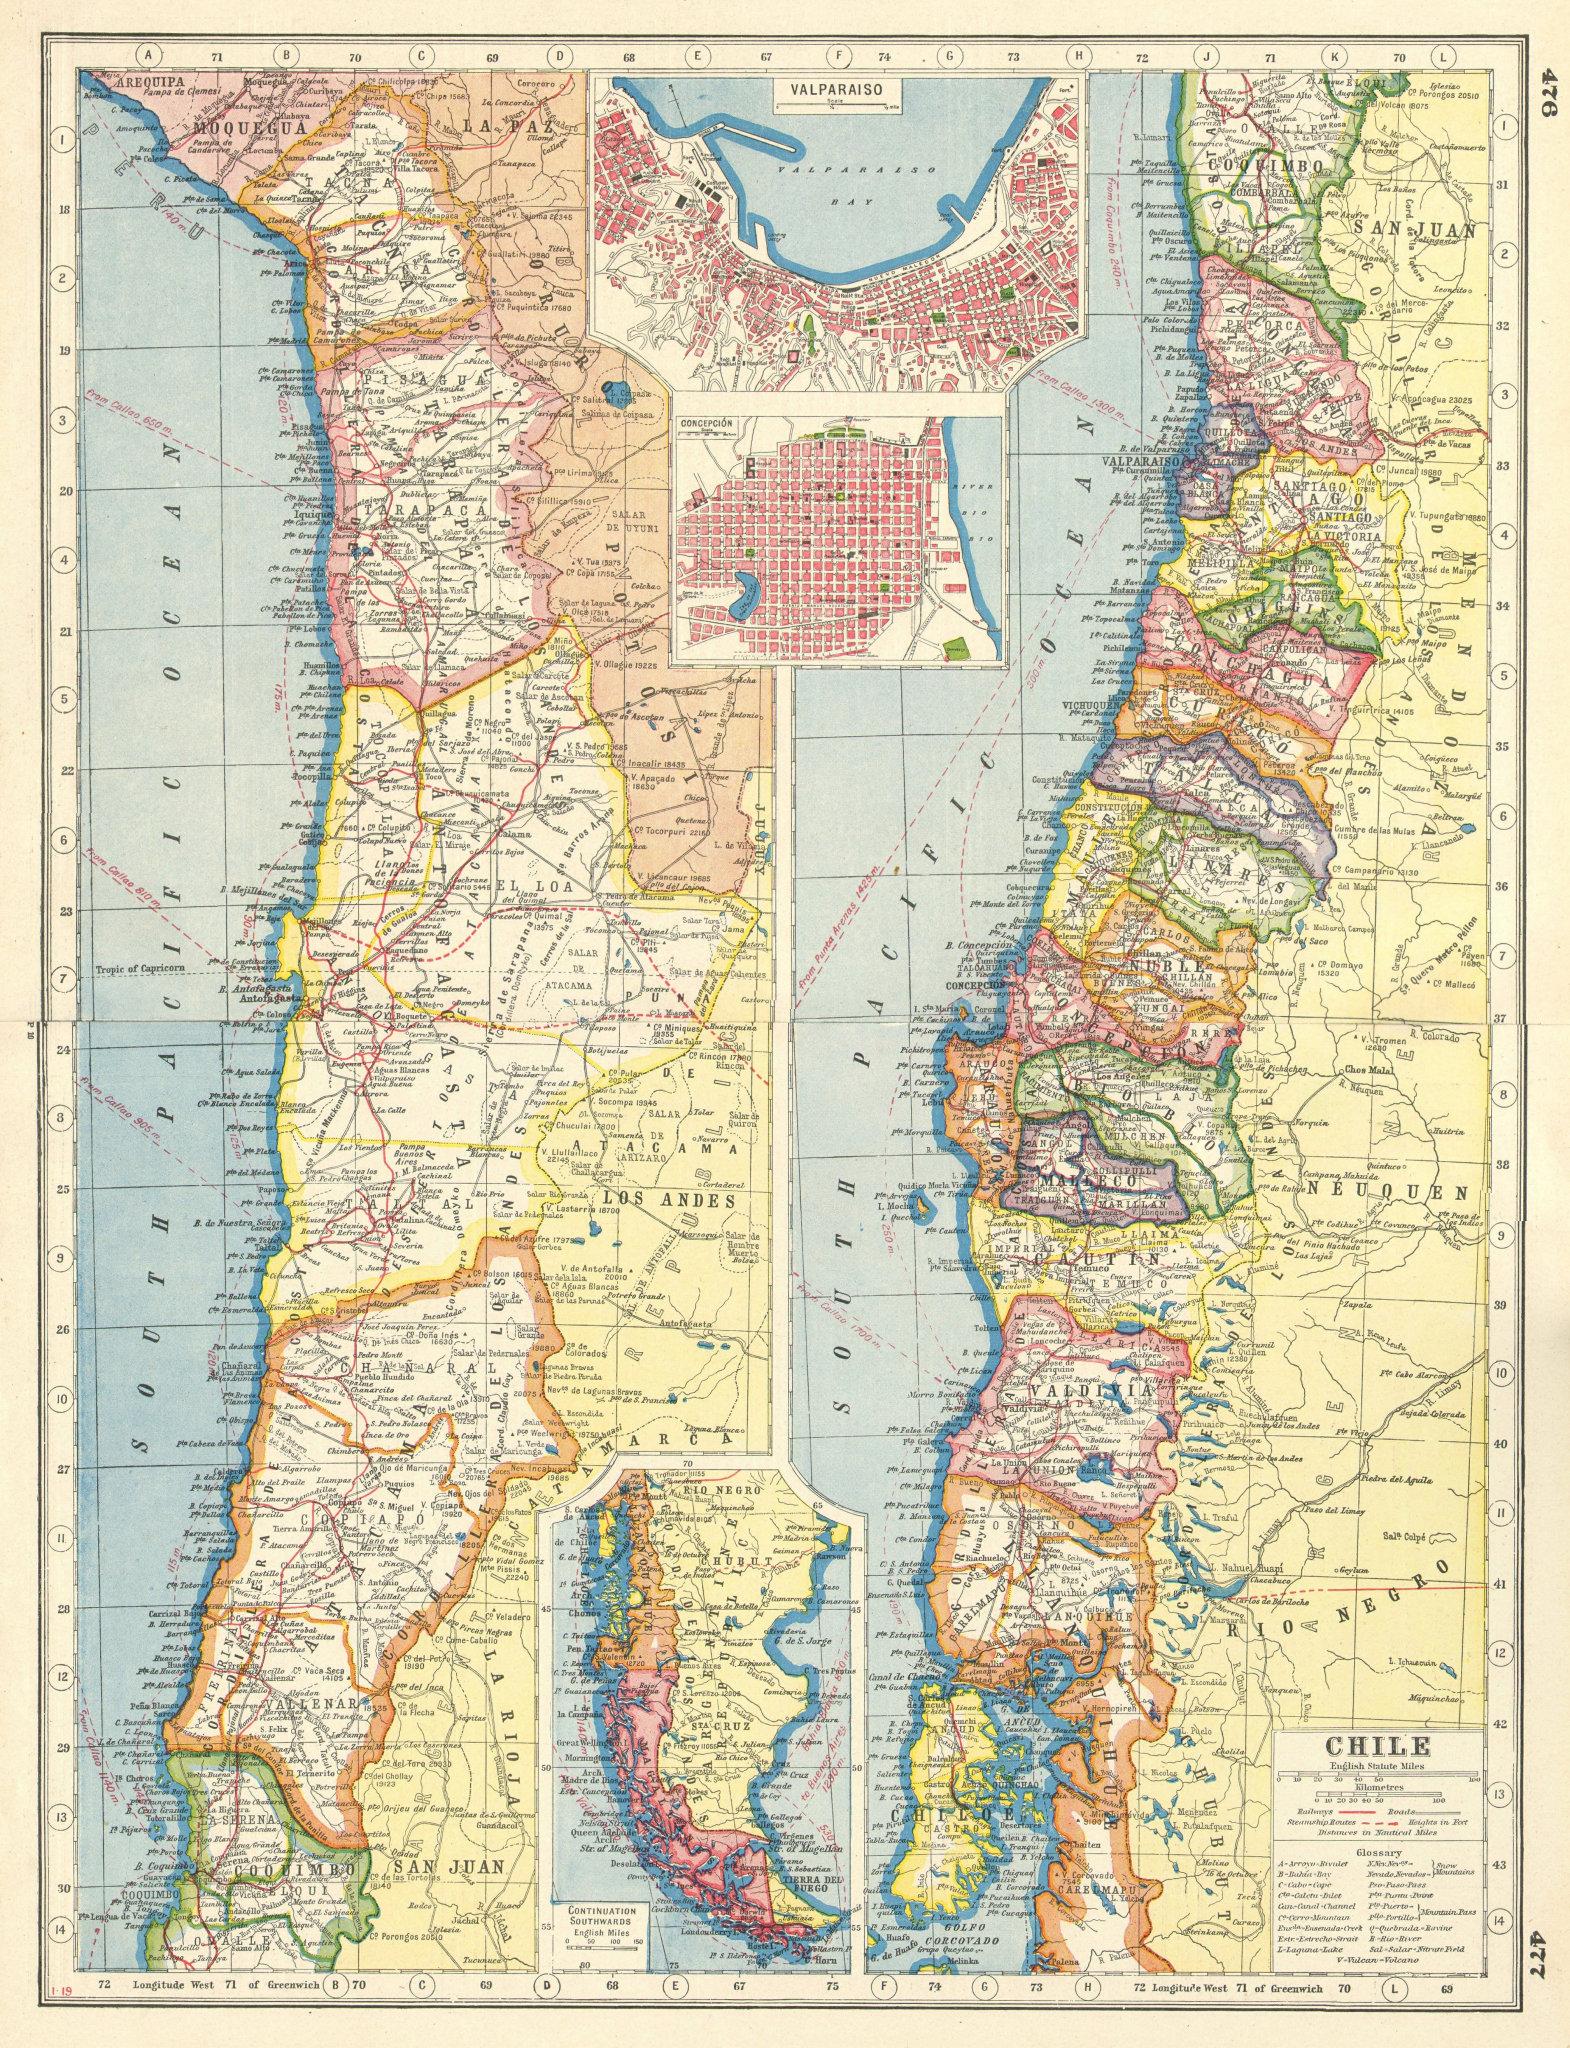 Associate Product CHILE. Regions provinces steamship routes. Valparaiso Concepcion plans 1920 map